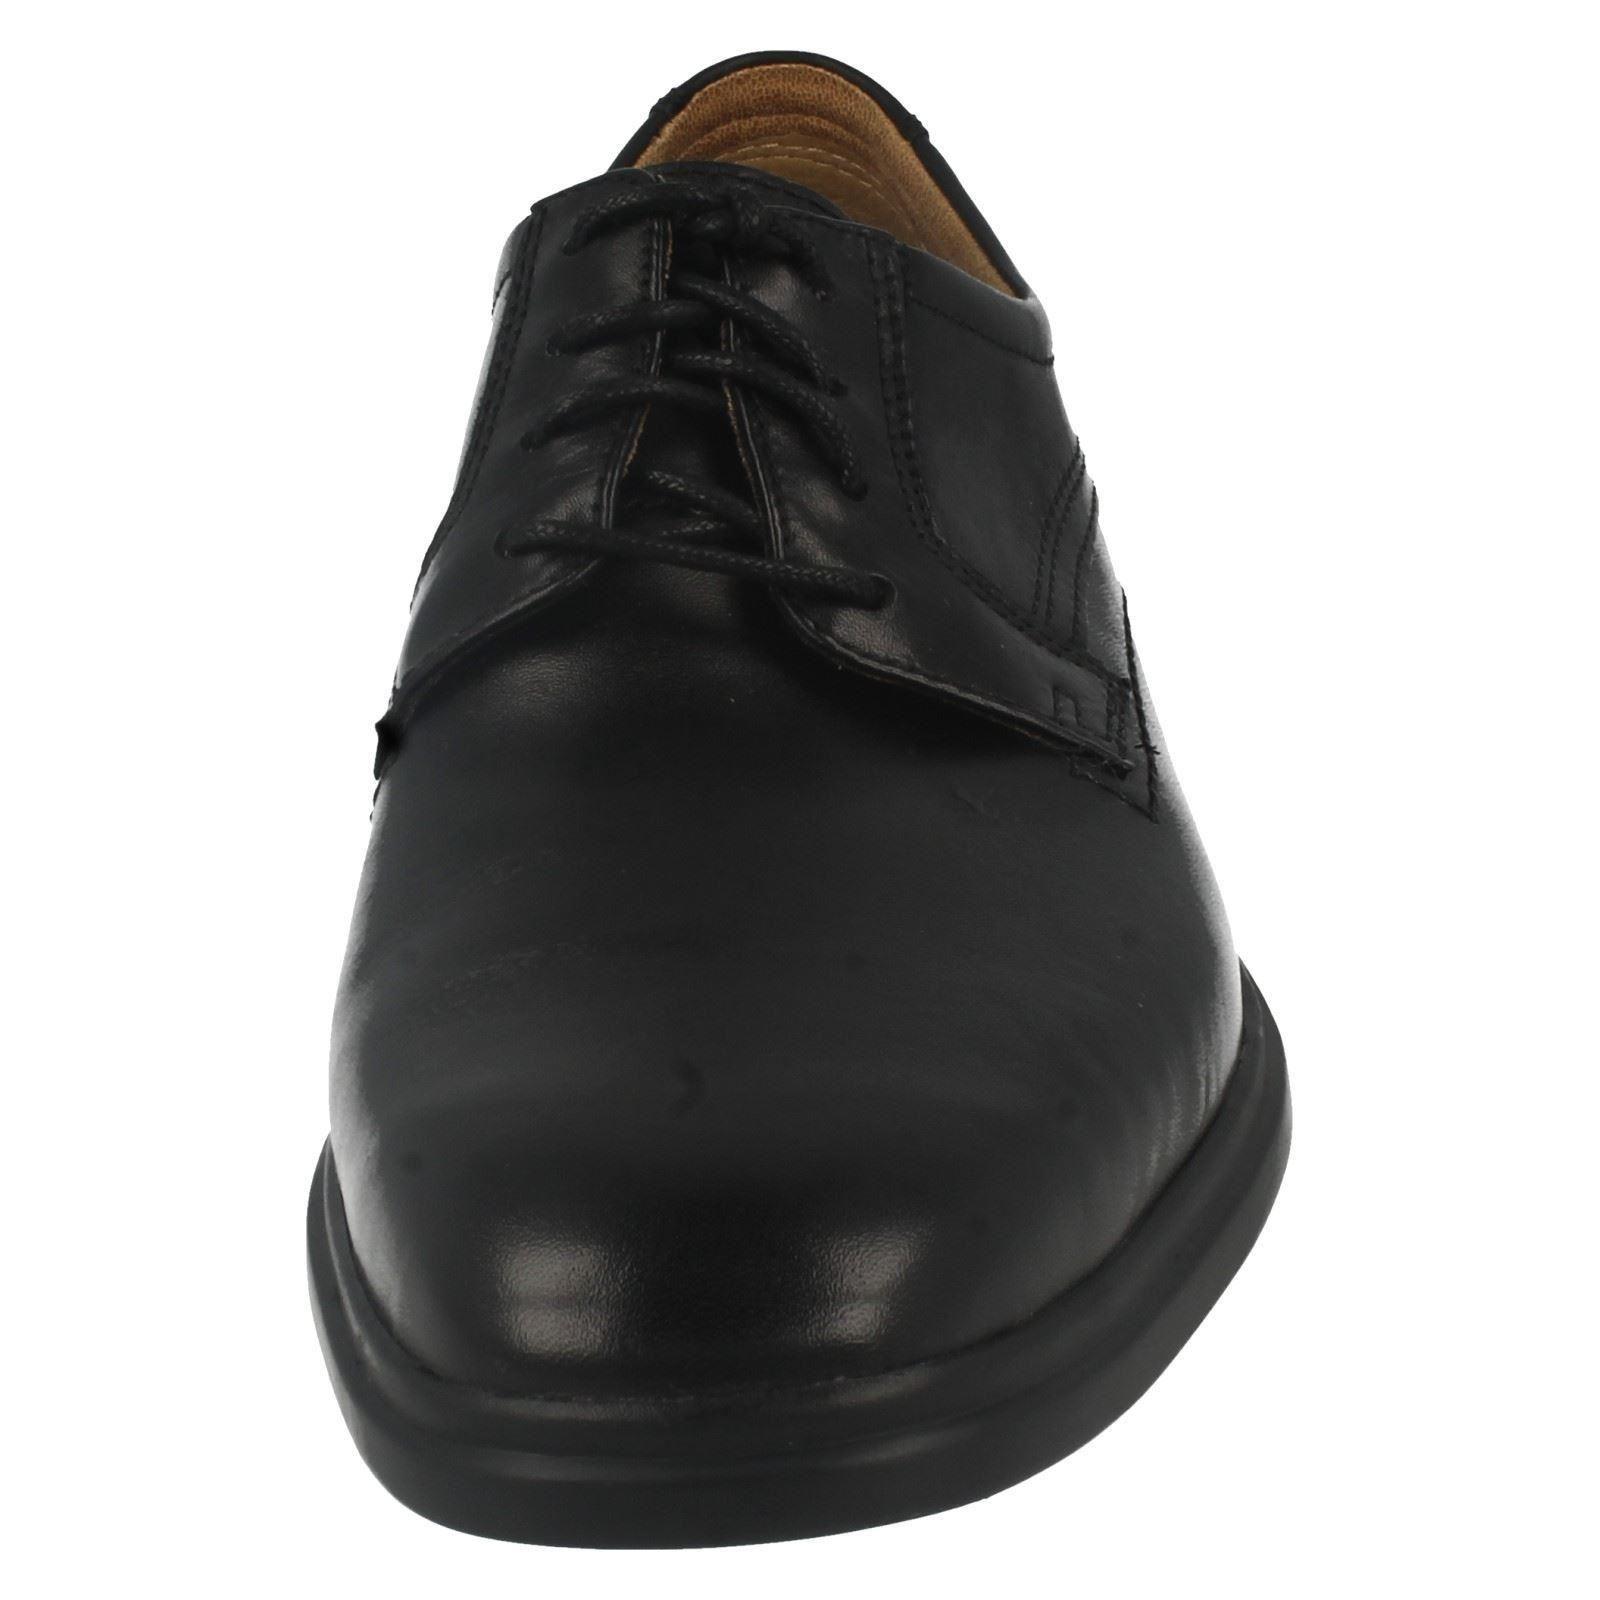 negro Glevo cordones formales Walk para hombre zapatos con Clarks w8CTT4